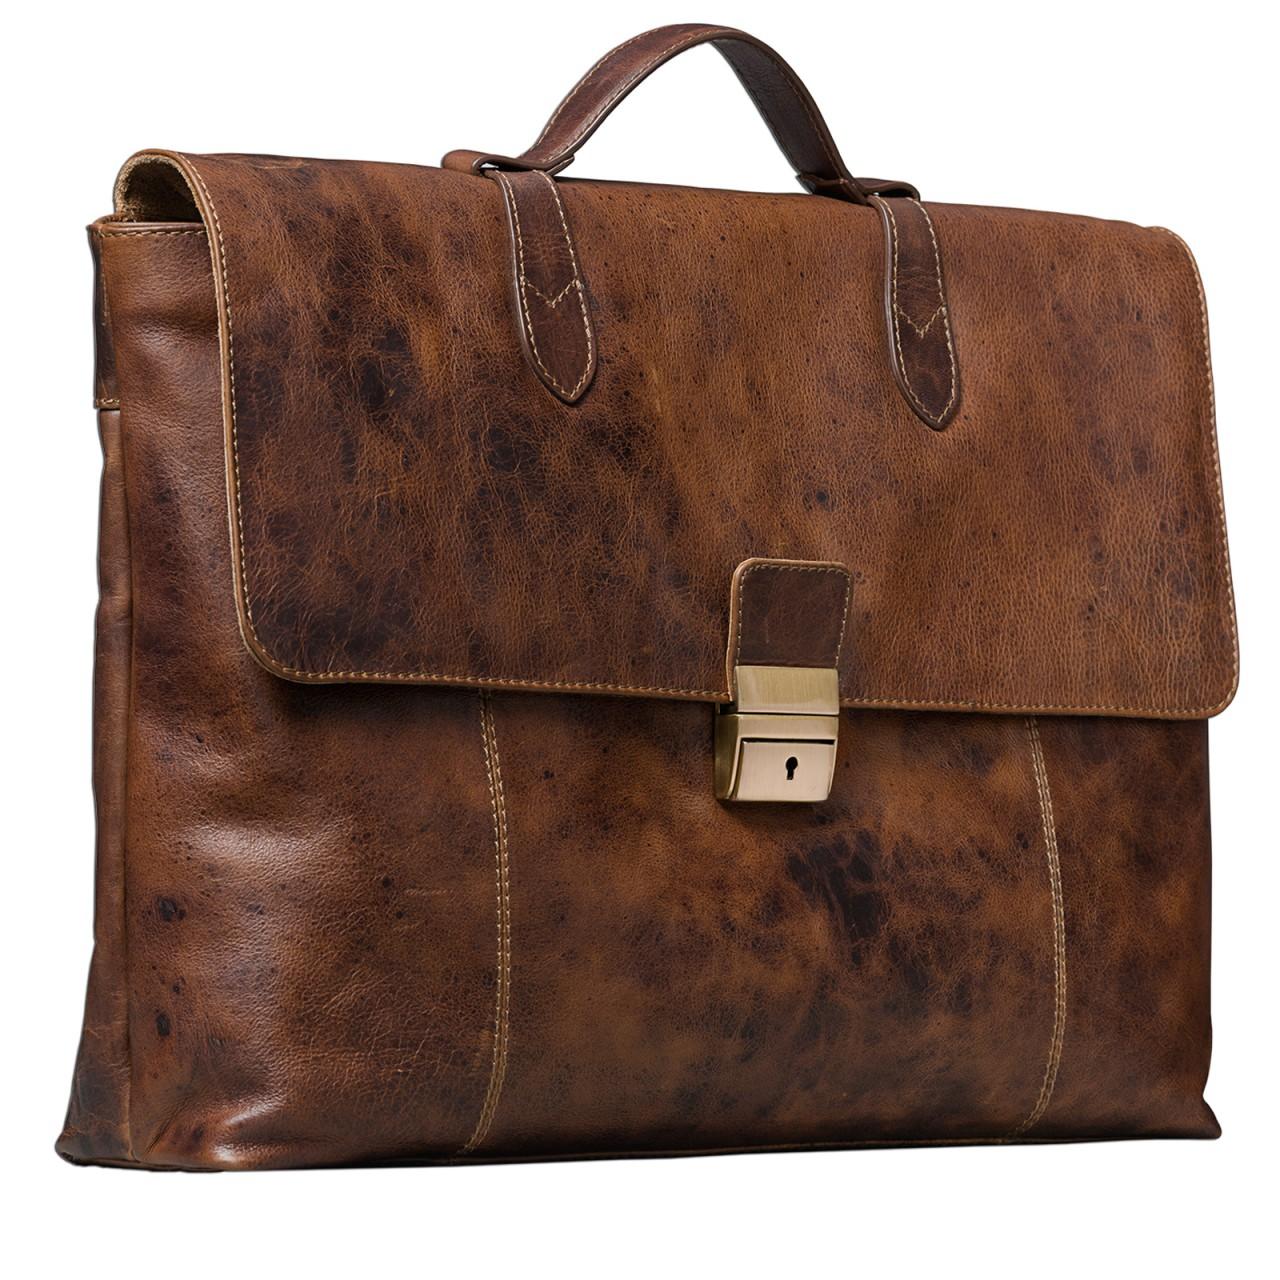 STILORD Vintage Businesstasche aus echtem Leder elegante Arbeitstasche Aktentasche Lehrertasche mit Schloss Rinds Leder Braun - Bild 1